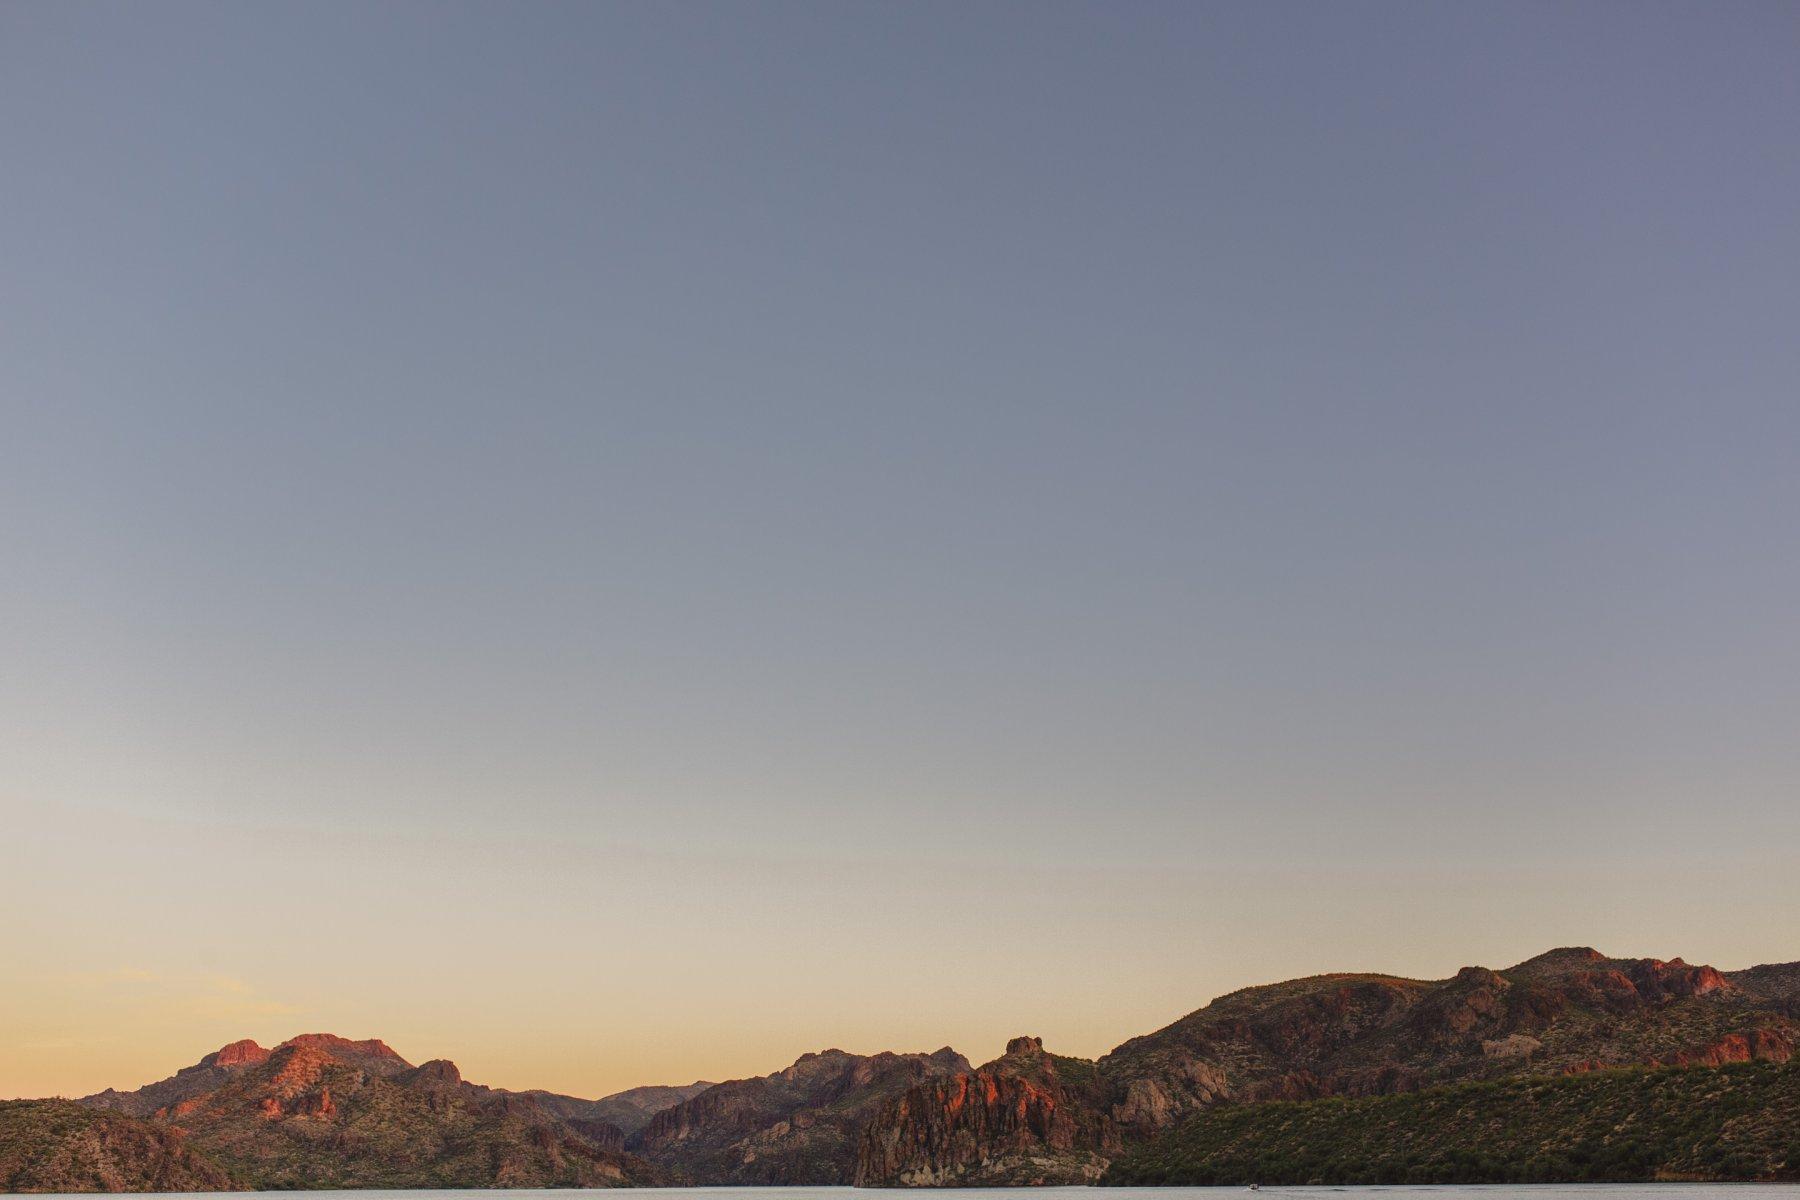 Saguaro Lake at sunset